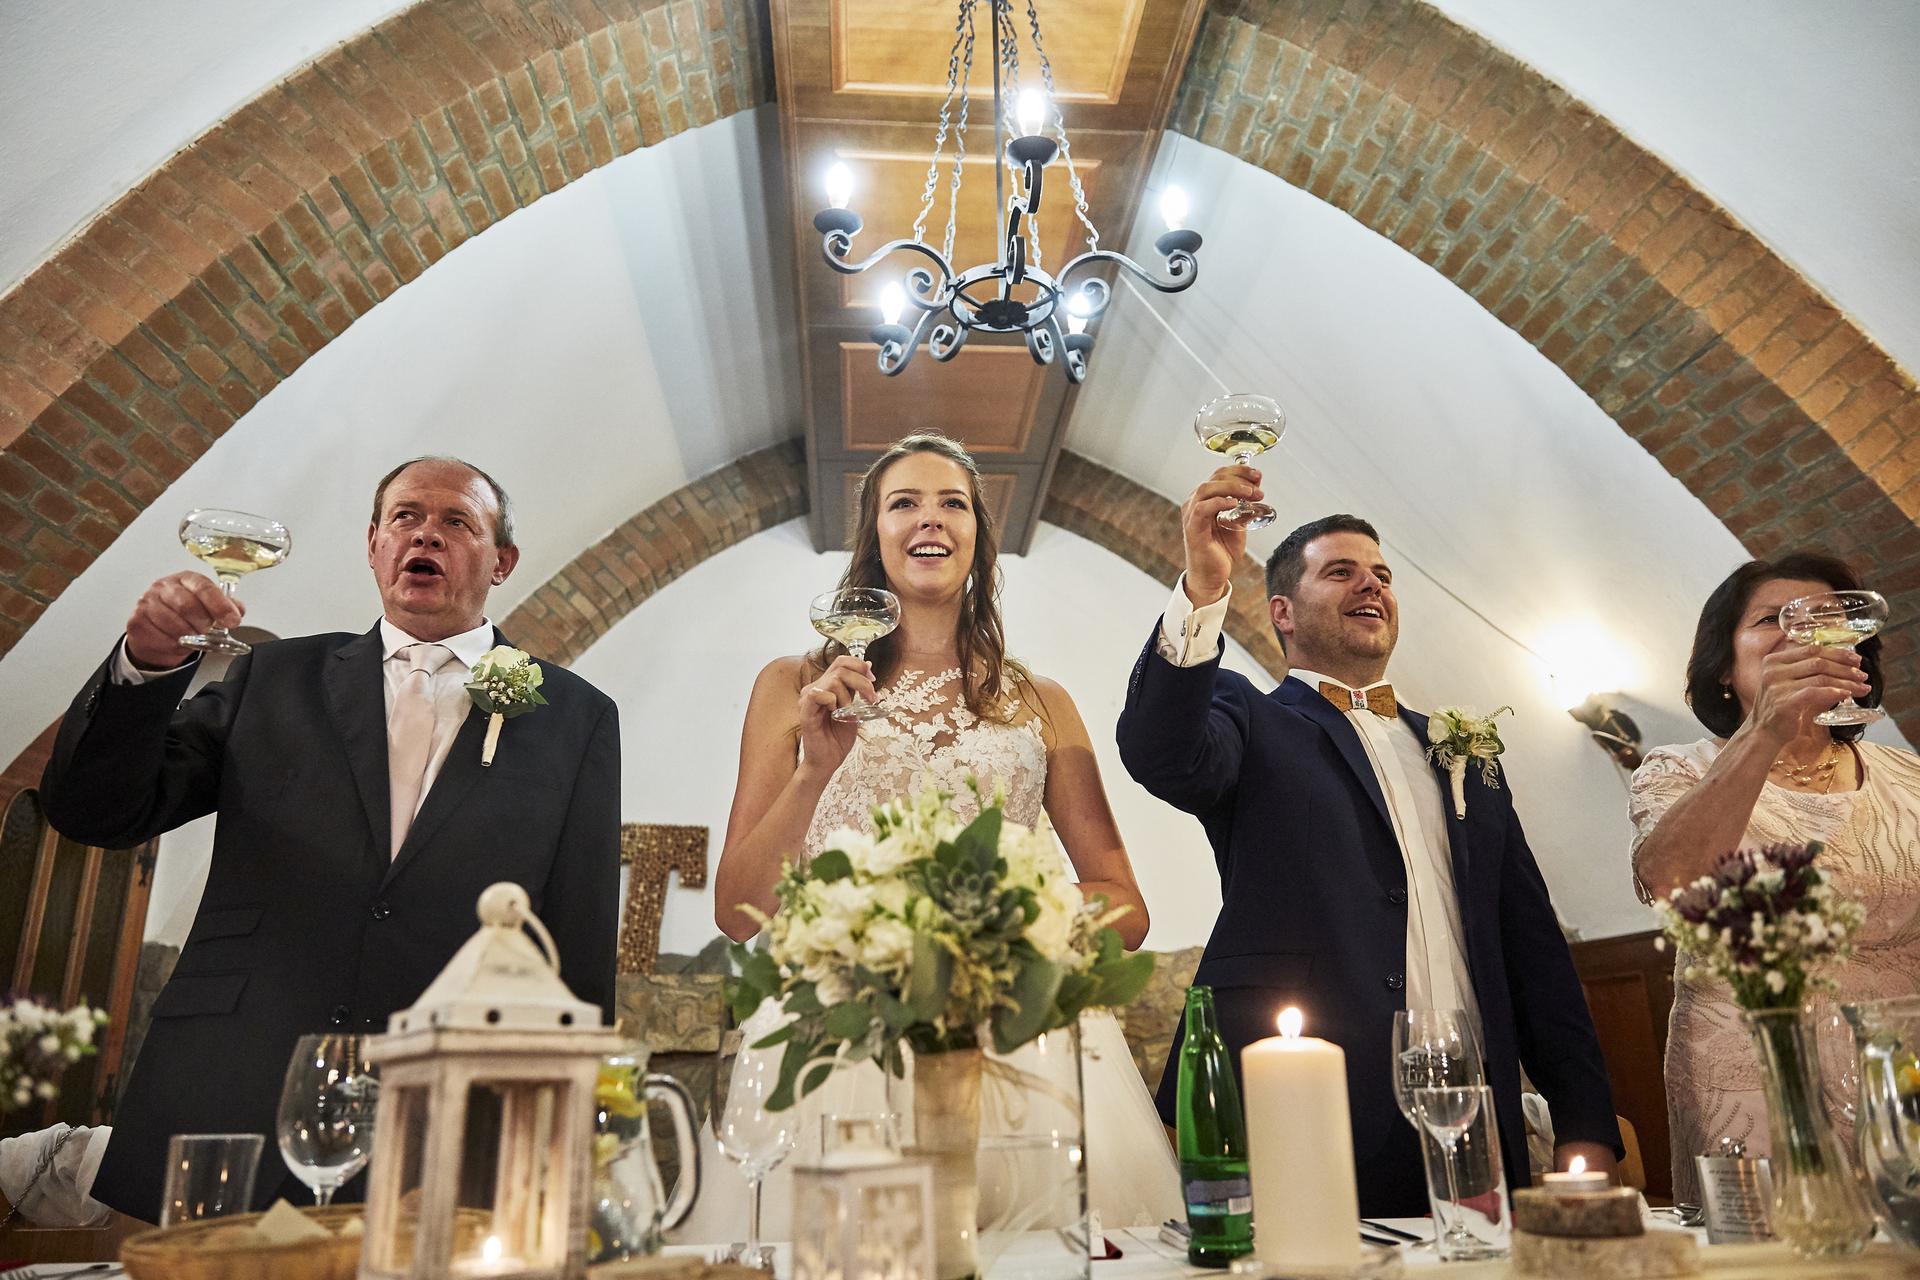 Naše slovácká svatba - Živijóóó!